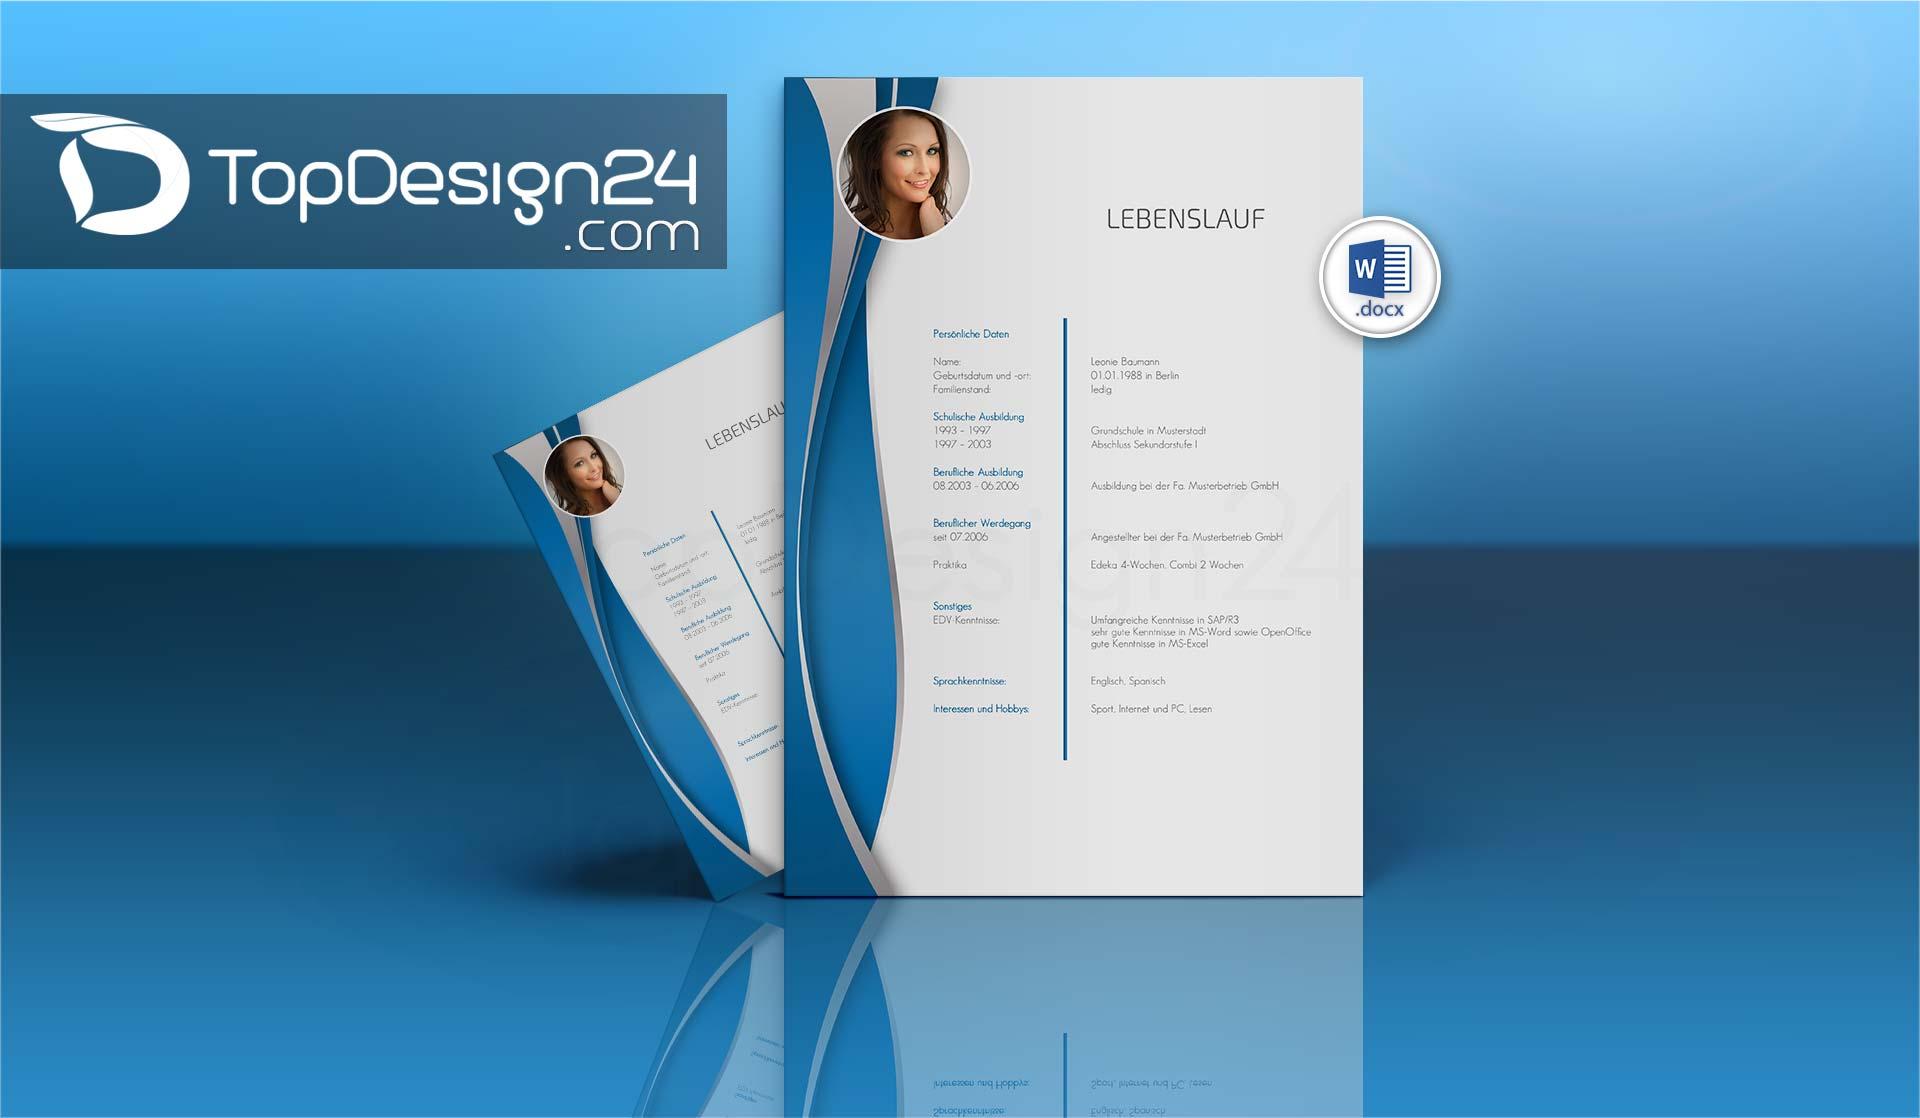 Bewerbung Layout - TopDesign24 Bewerbungsvorlagen